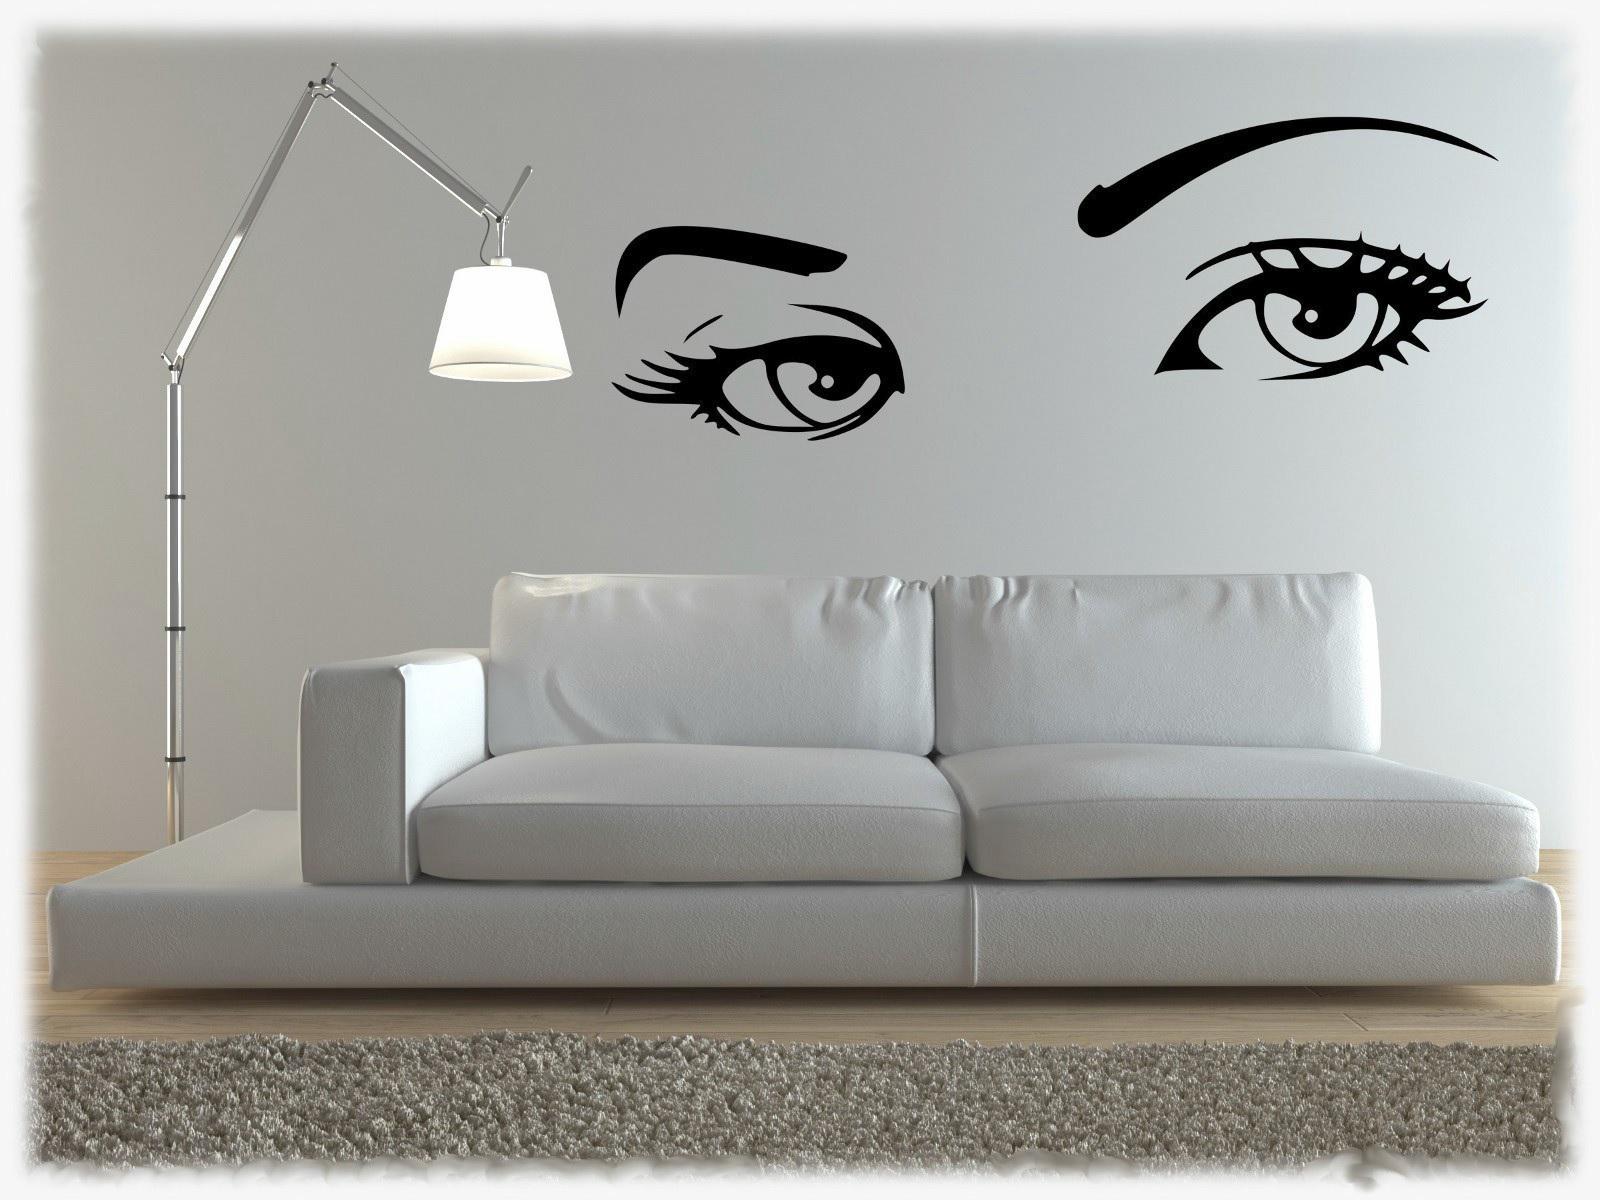 Pareti Di Casa Colori sai che colore fare le pareti di casa? - blog specialista